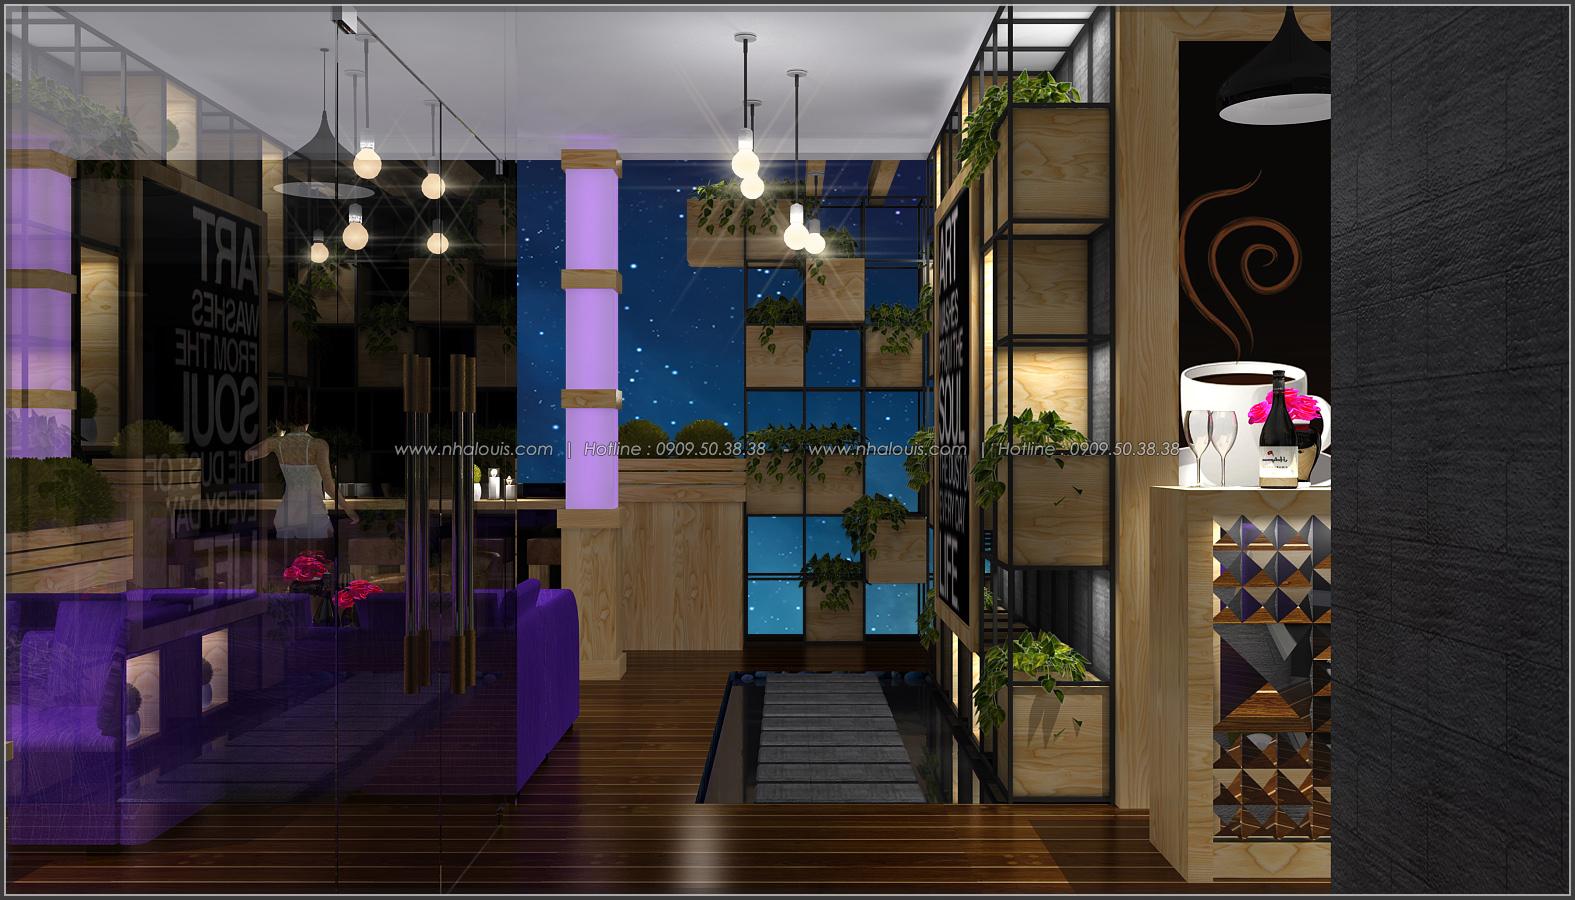 Tư vấn thiết kế quán cafe không gian xanh sang trọng ở Bình Dương - 10